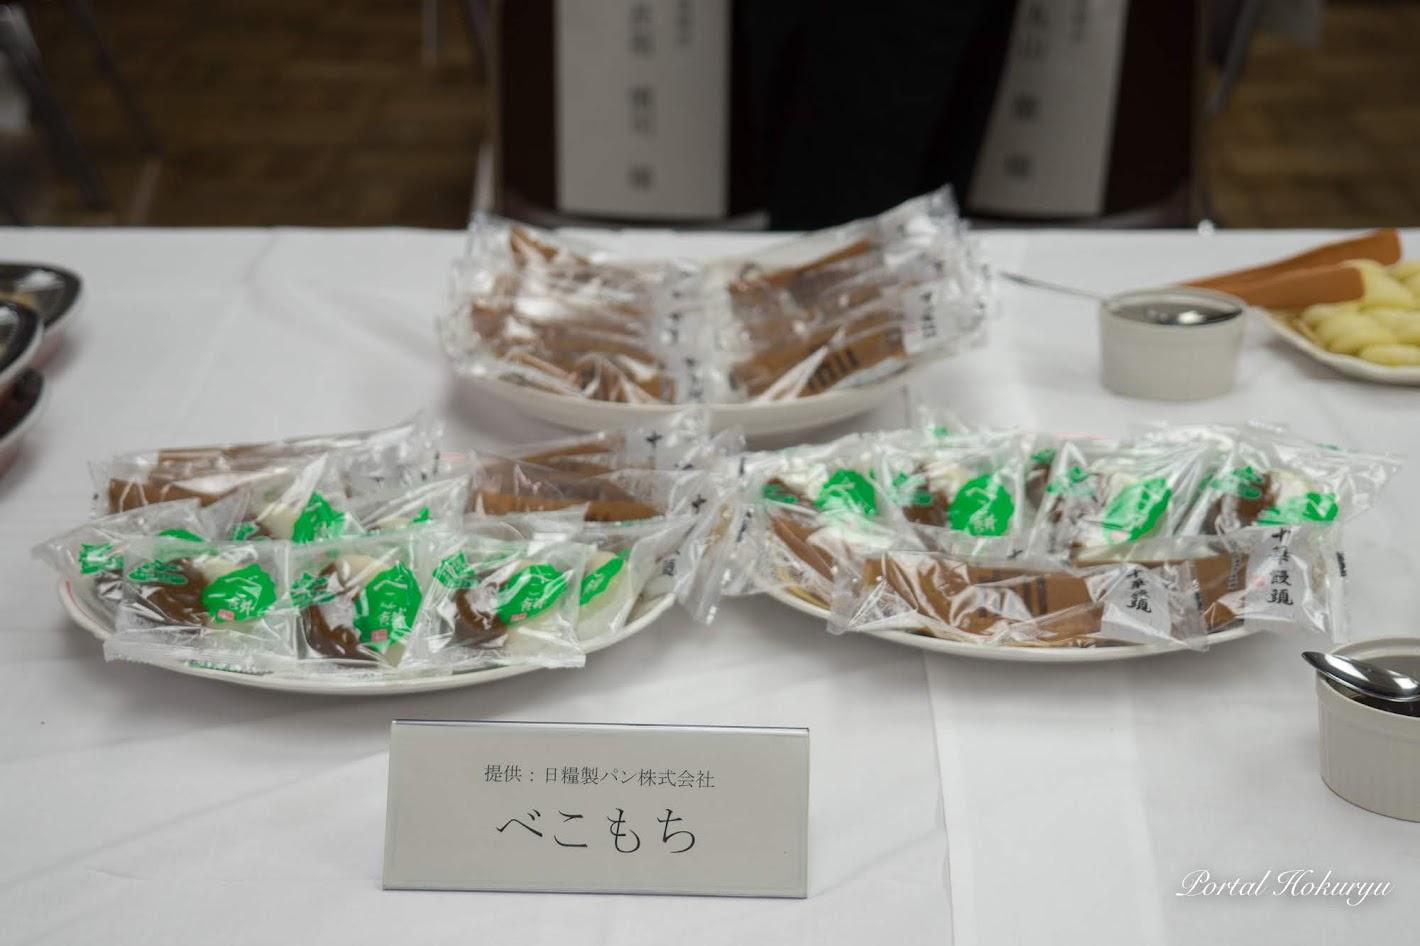 べこもち・中華饅頭(日糧製パン株式会社)